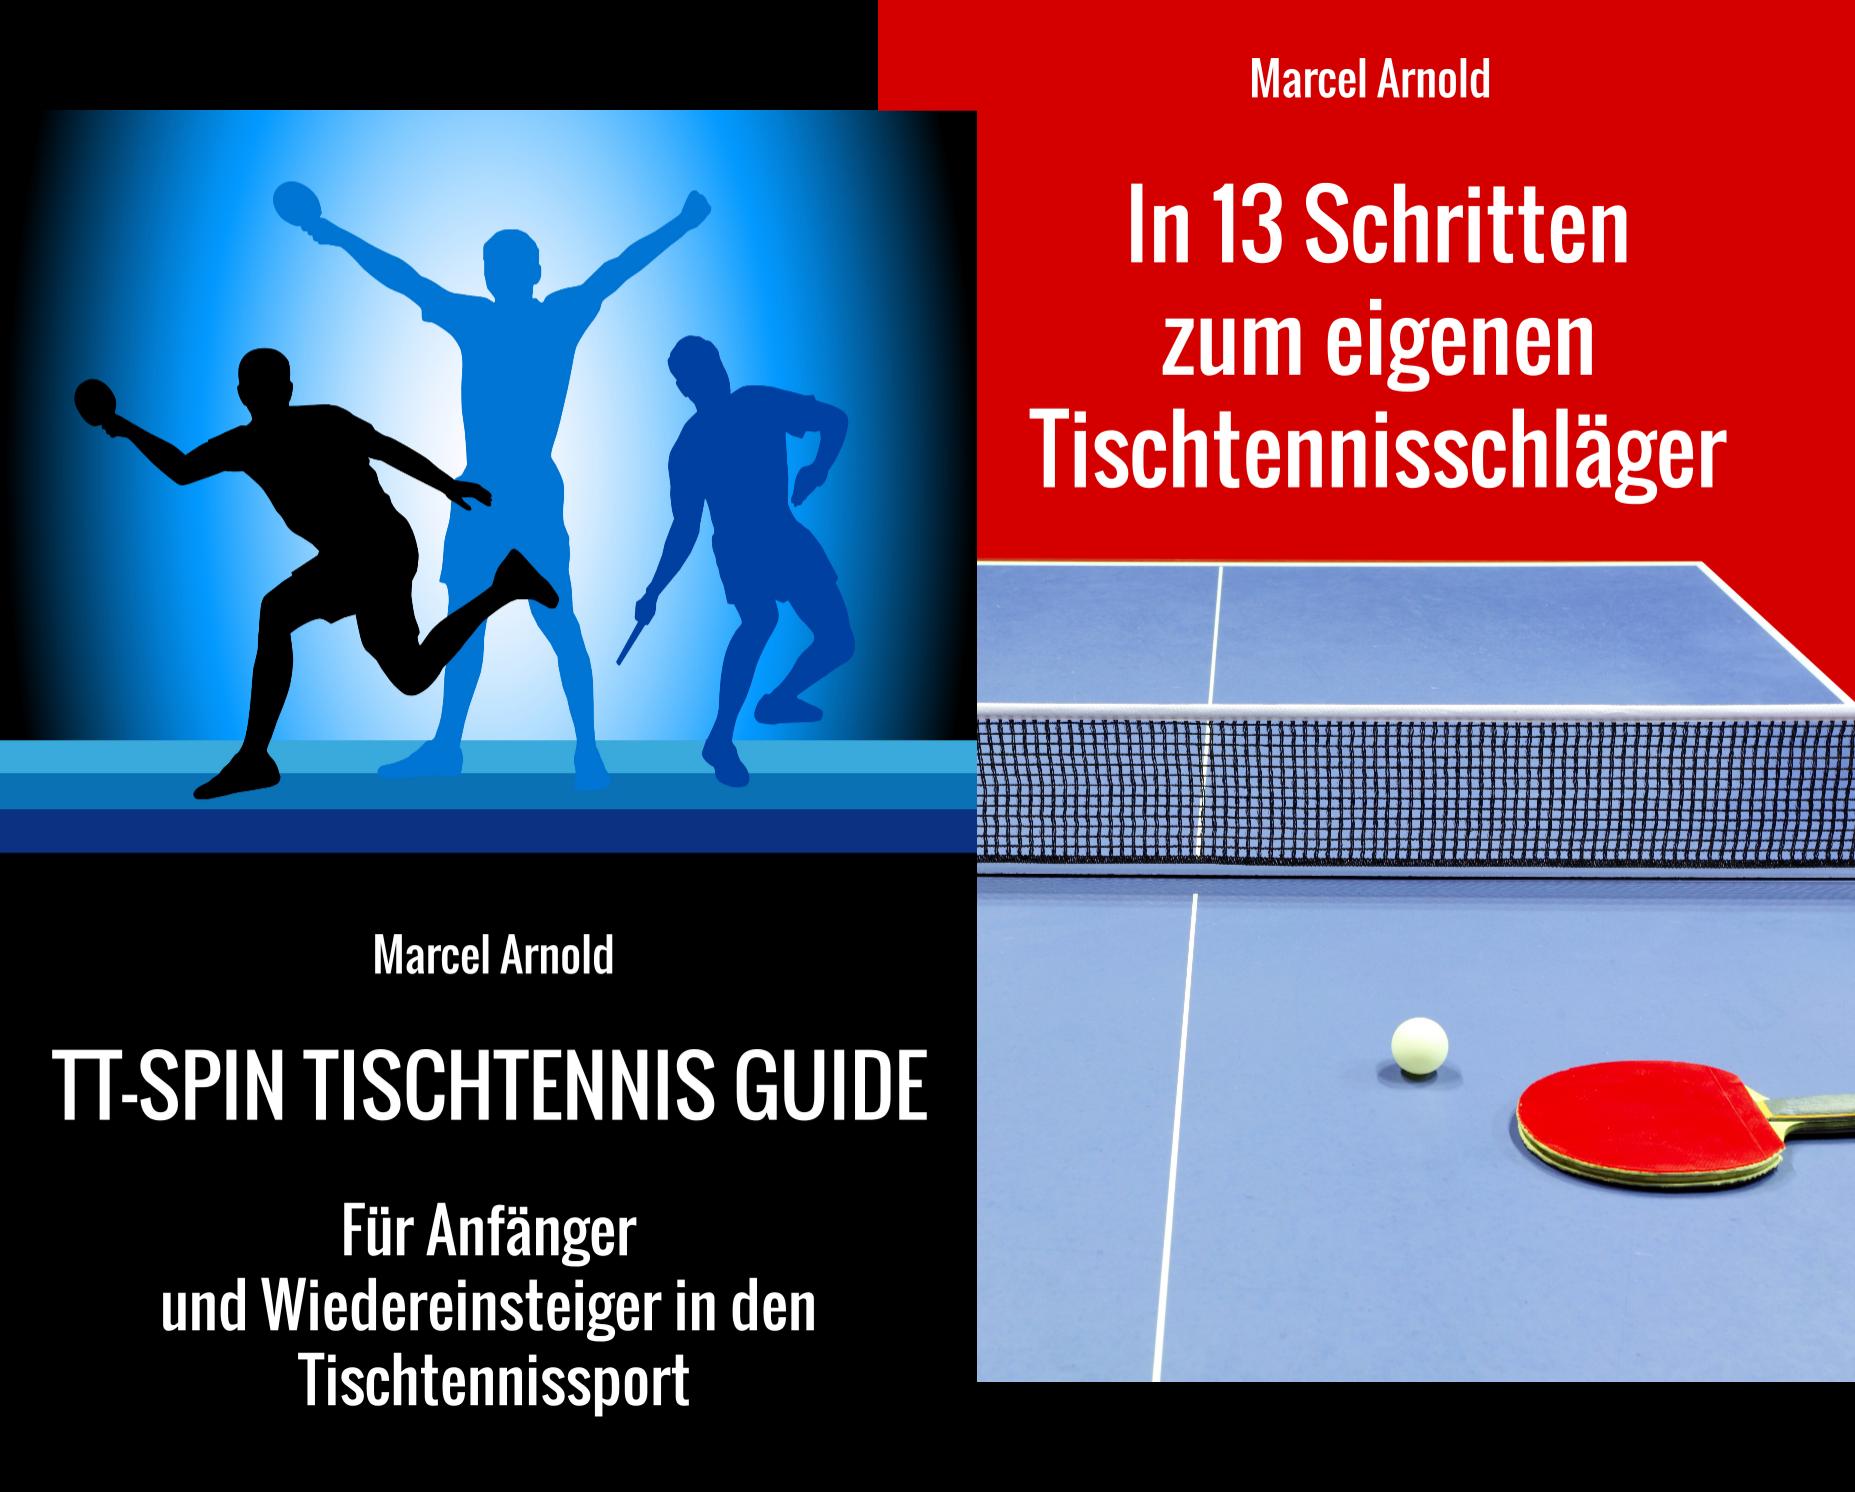 Tischtennis Ebooks auf TT-Spin